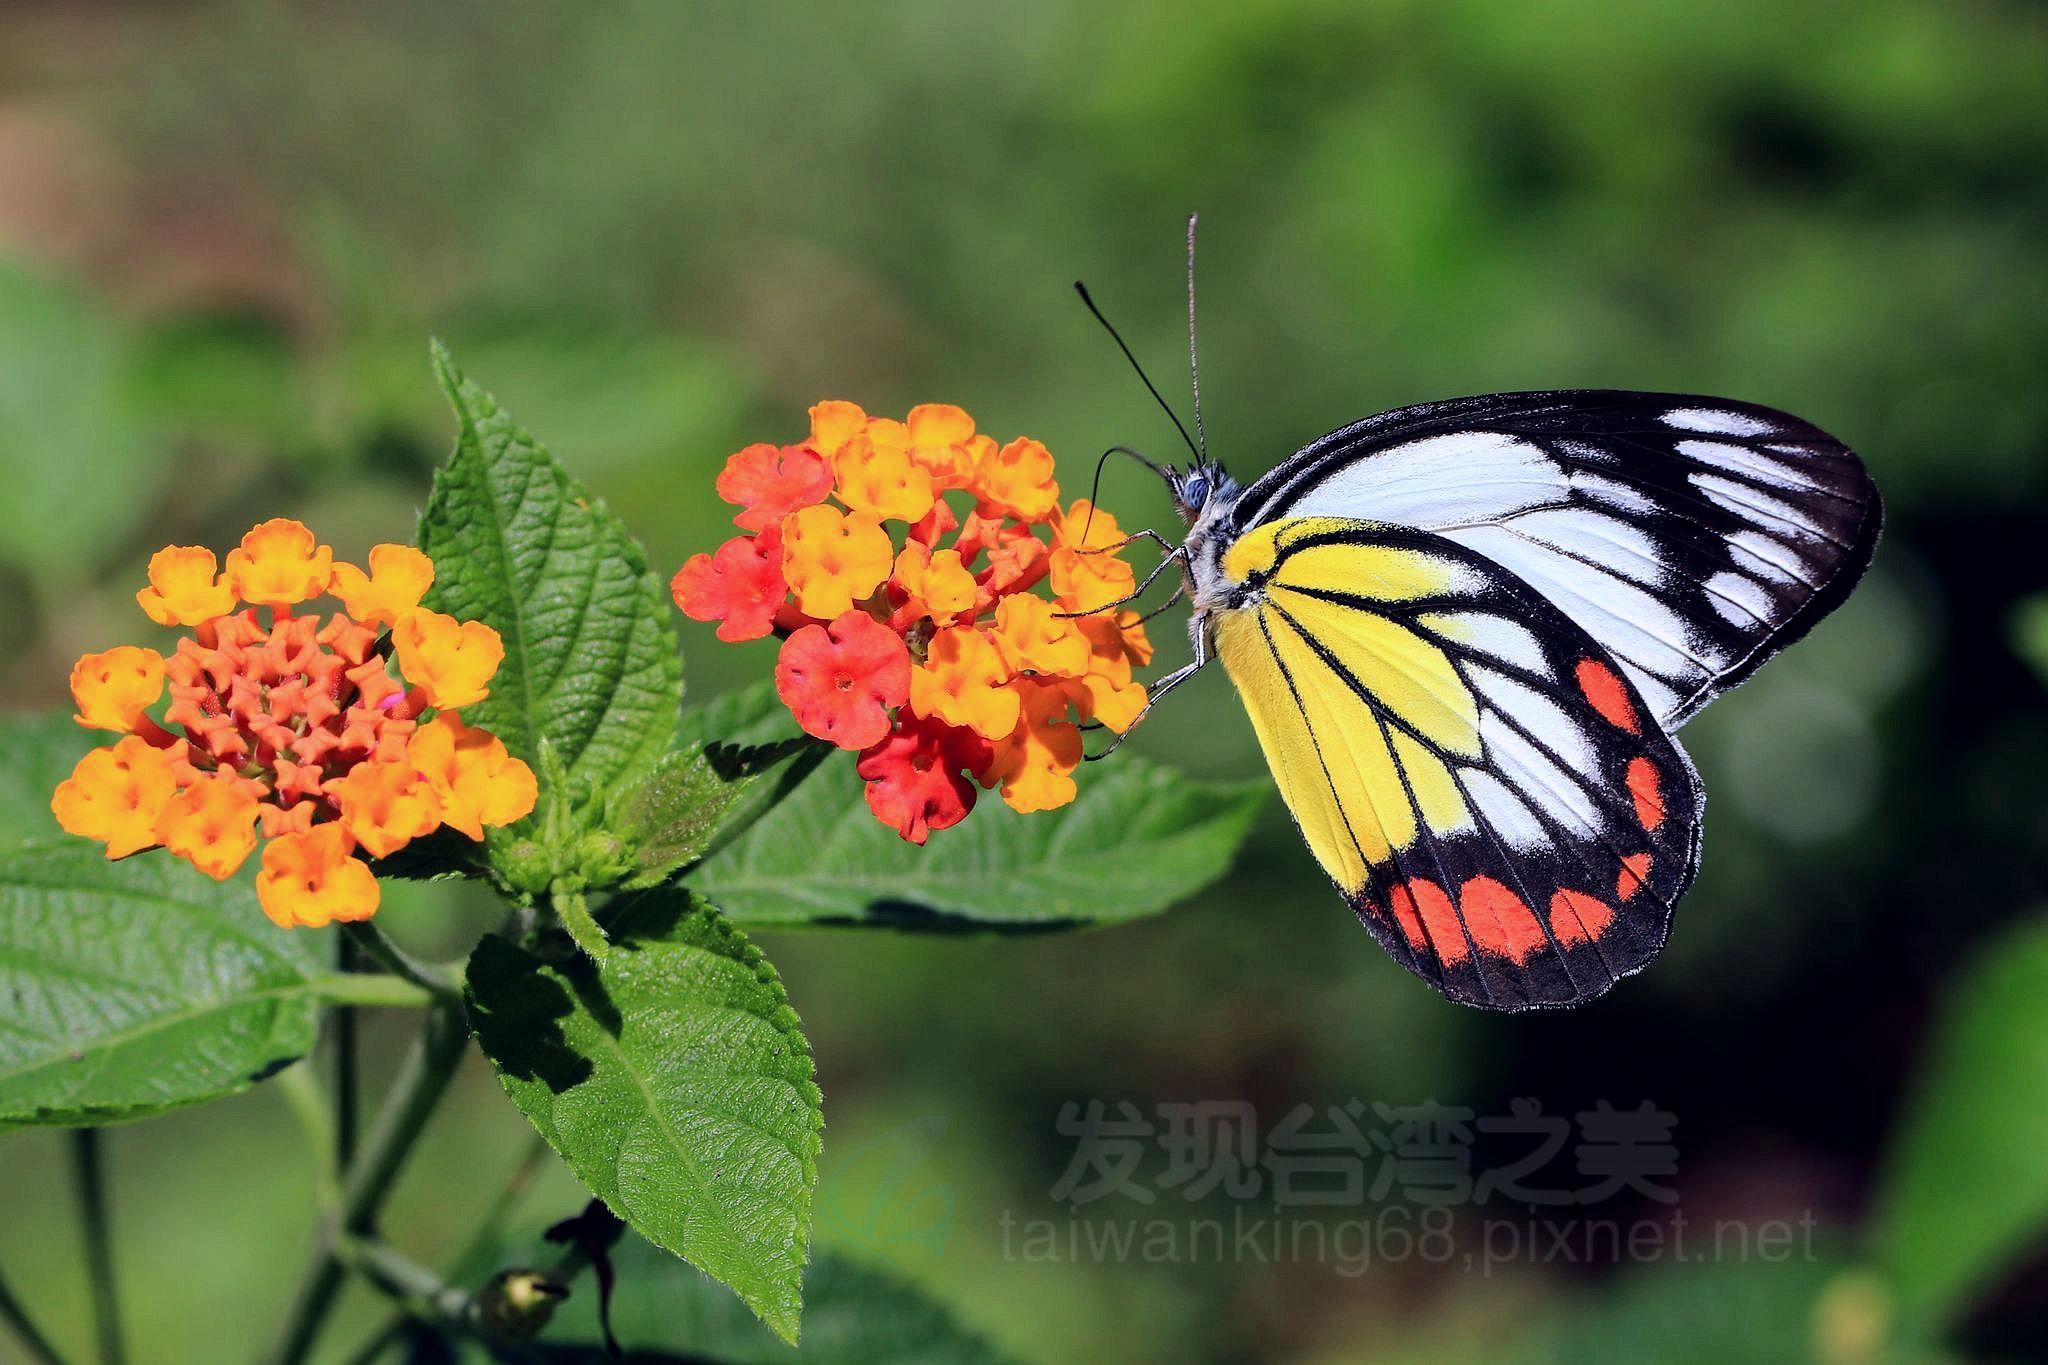 艷冠全球的紅紋粉蝶